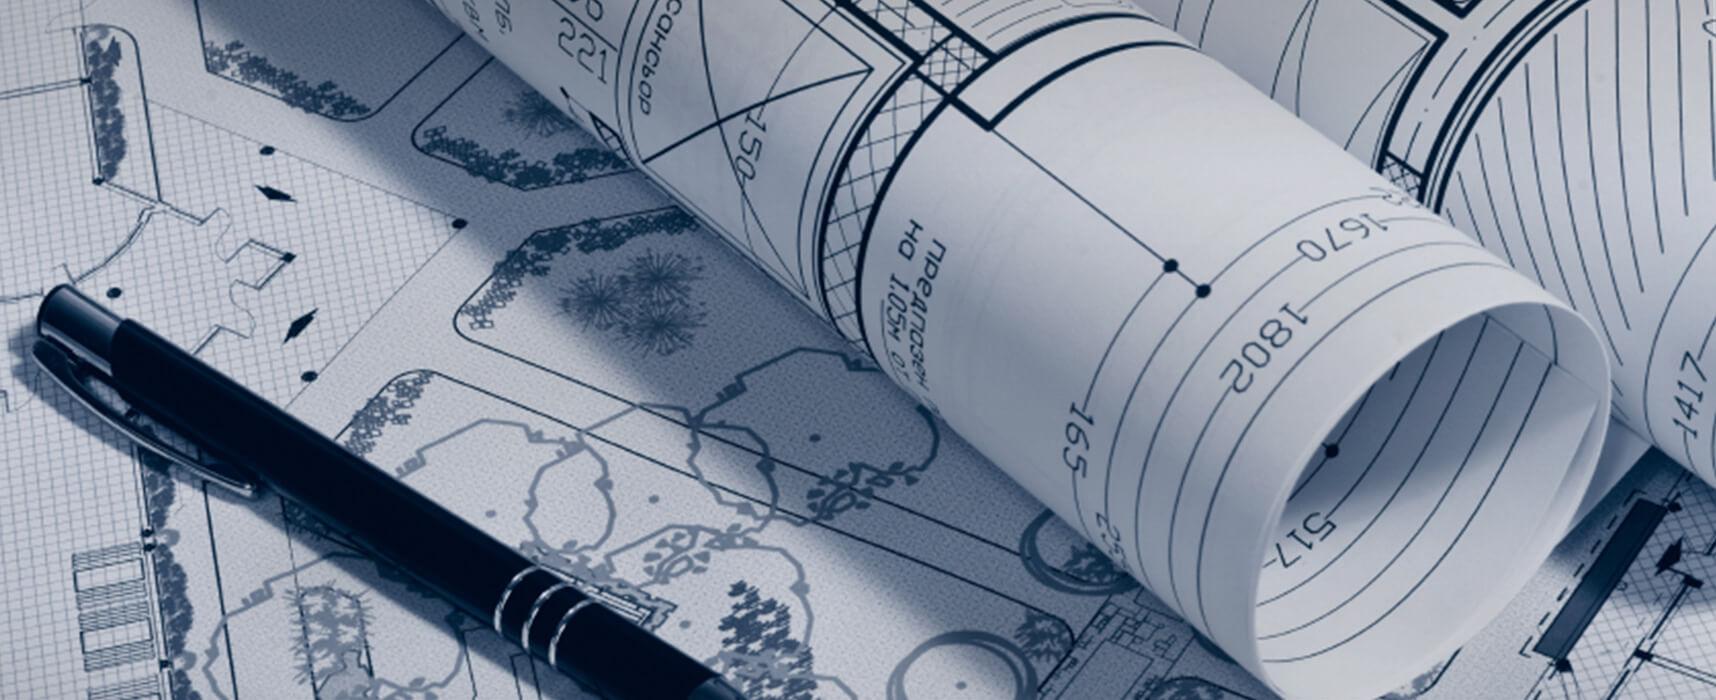 Proveemos Soluciones para Proyectos e Inversiones